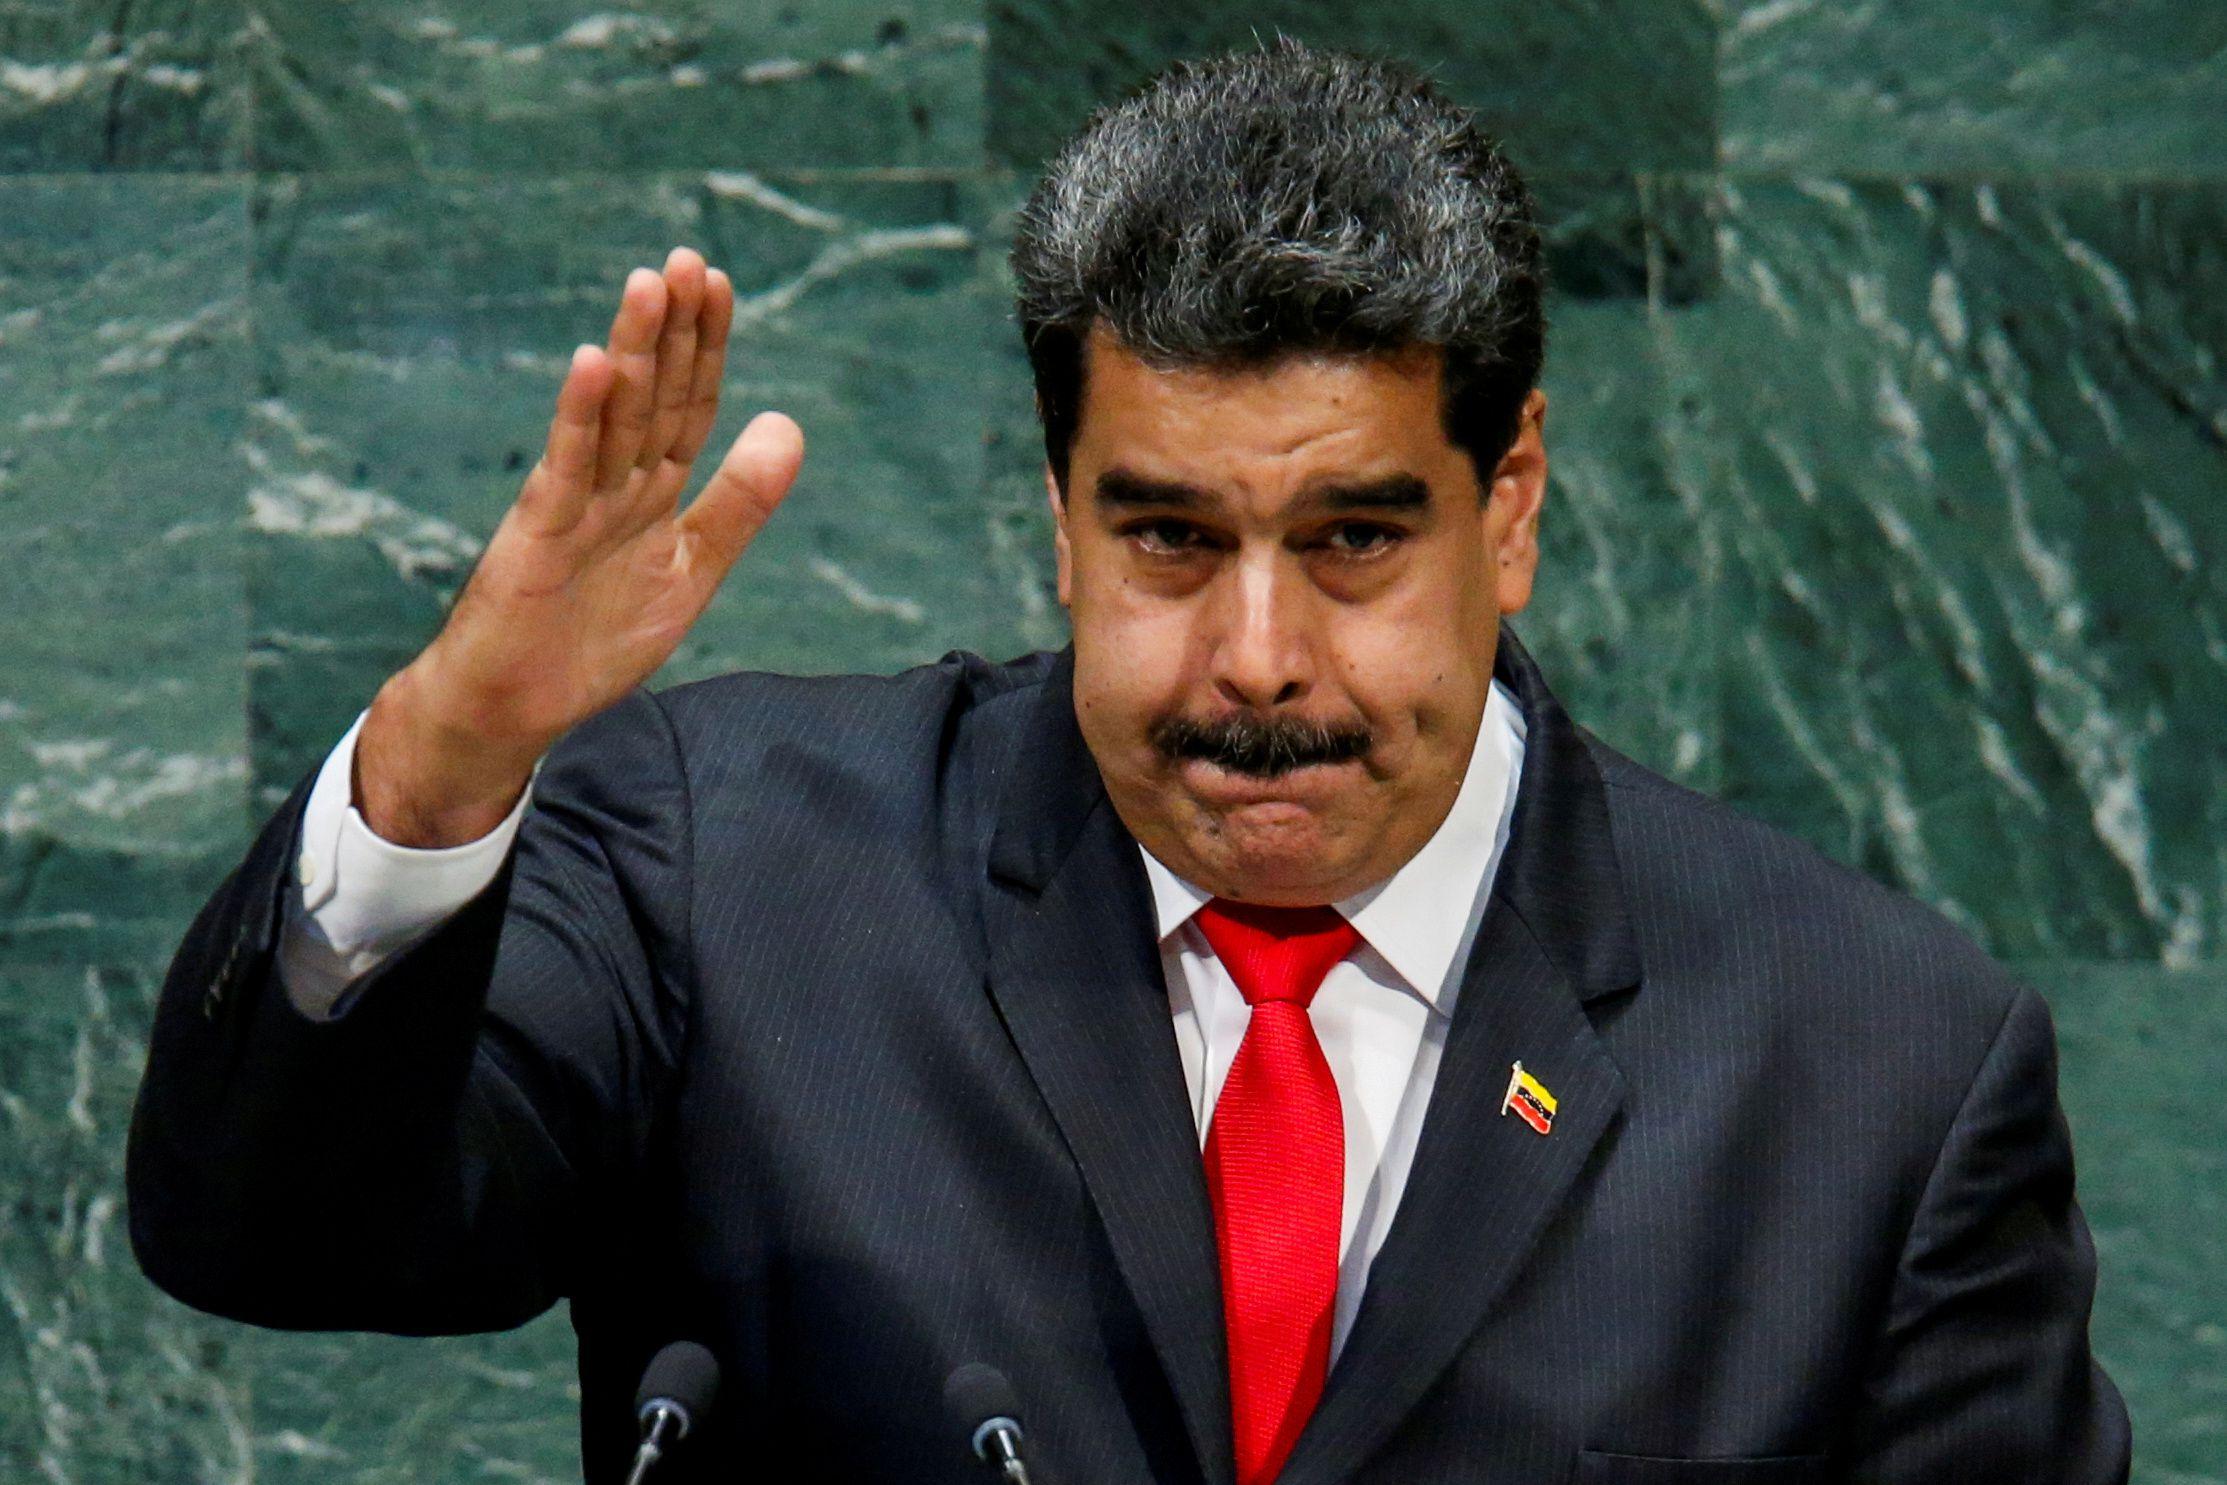 El dictador Nicolás Maduro (REUTERS/Eduardo Munoz/File Photo)